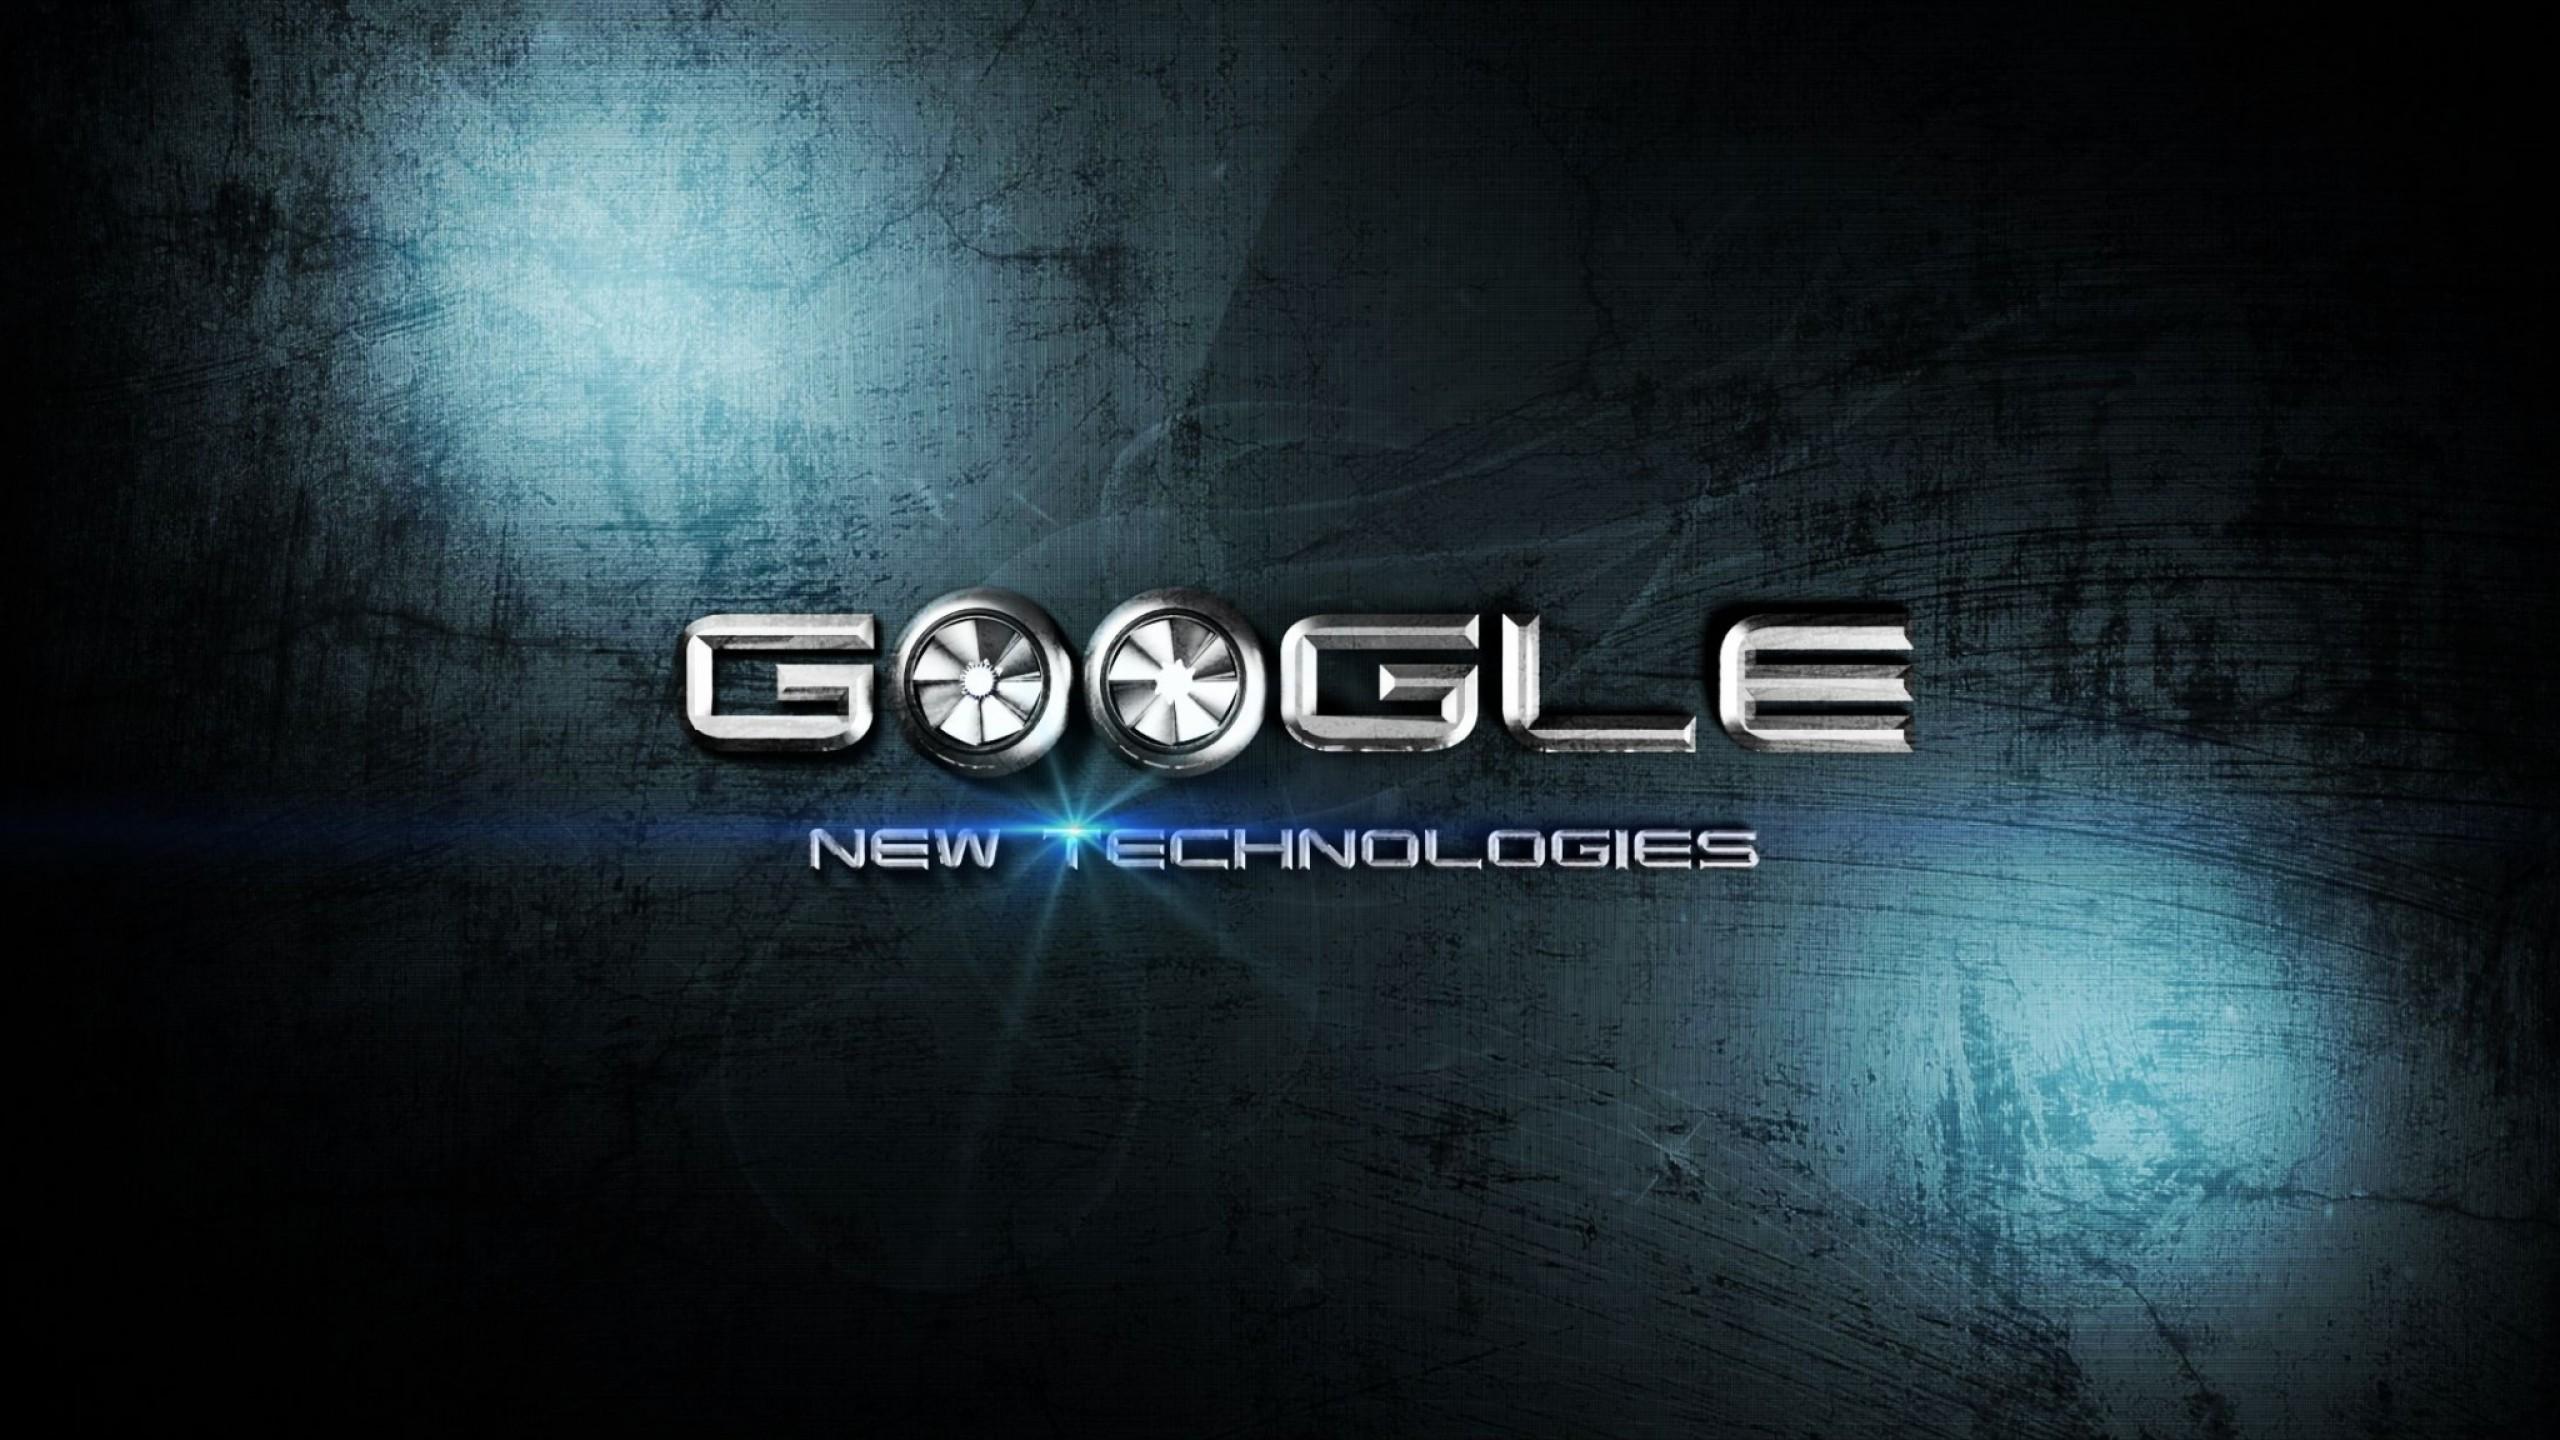 Wallpaper krass, hi-tech, google, new technologies